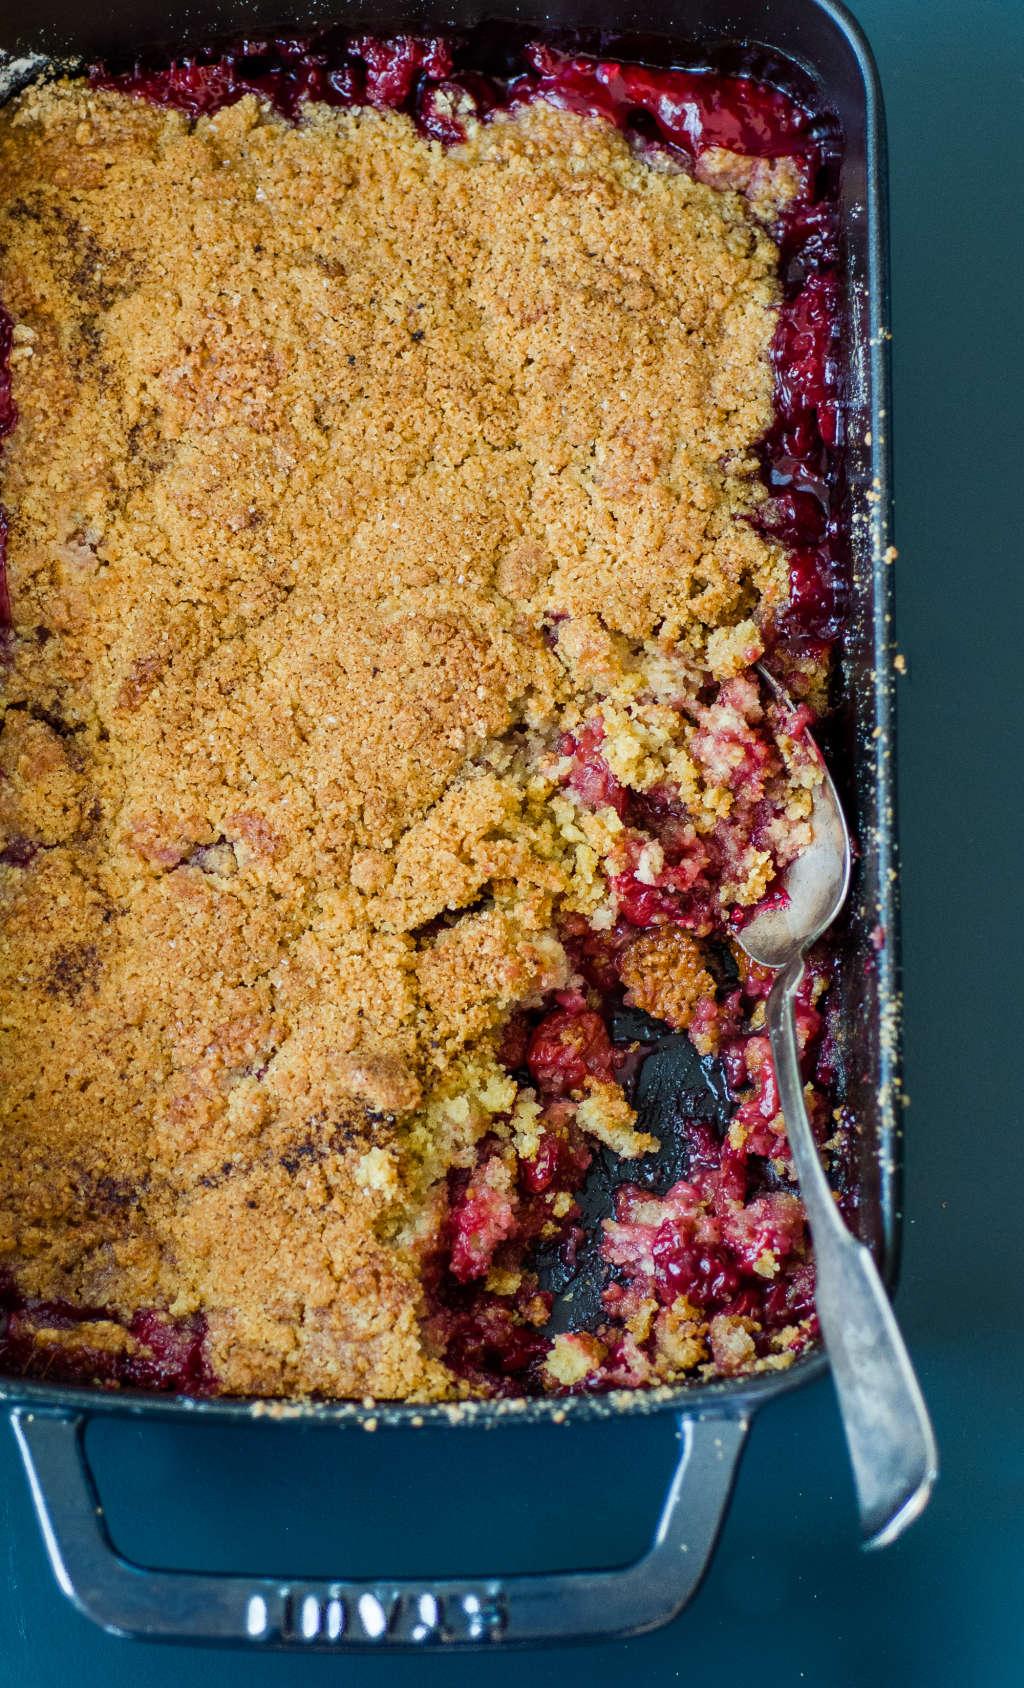 Recipe: Tart Cherry Crumble